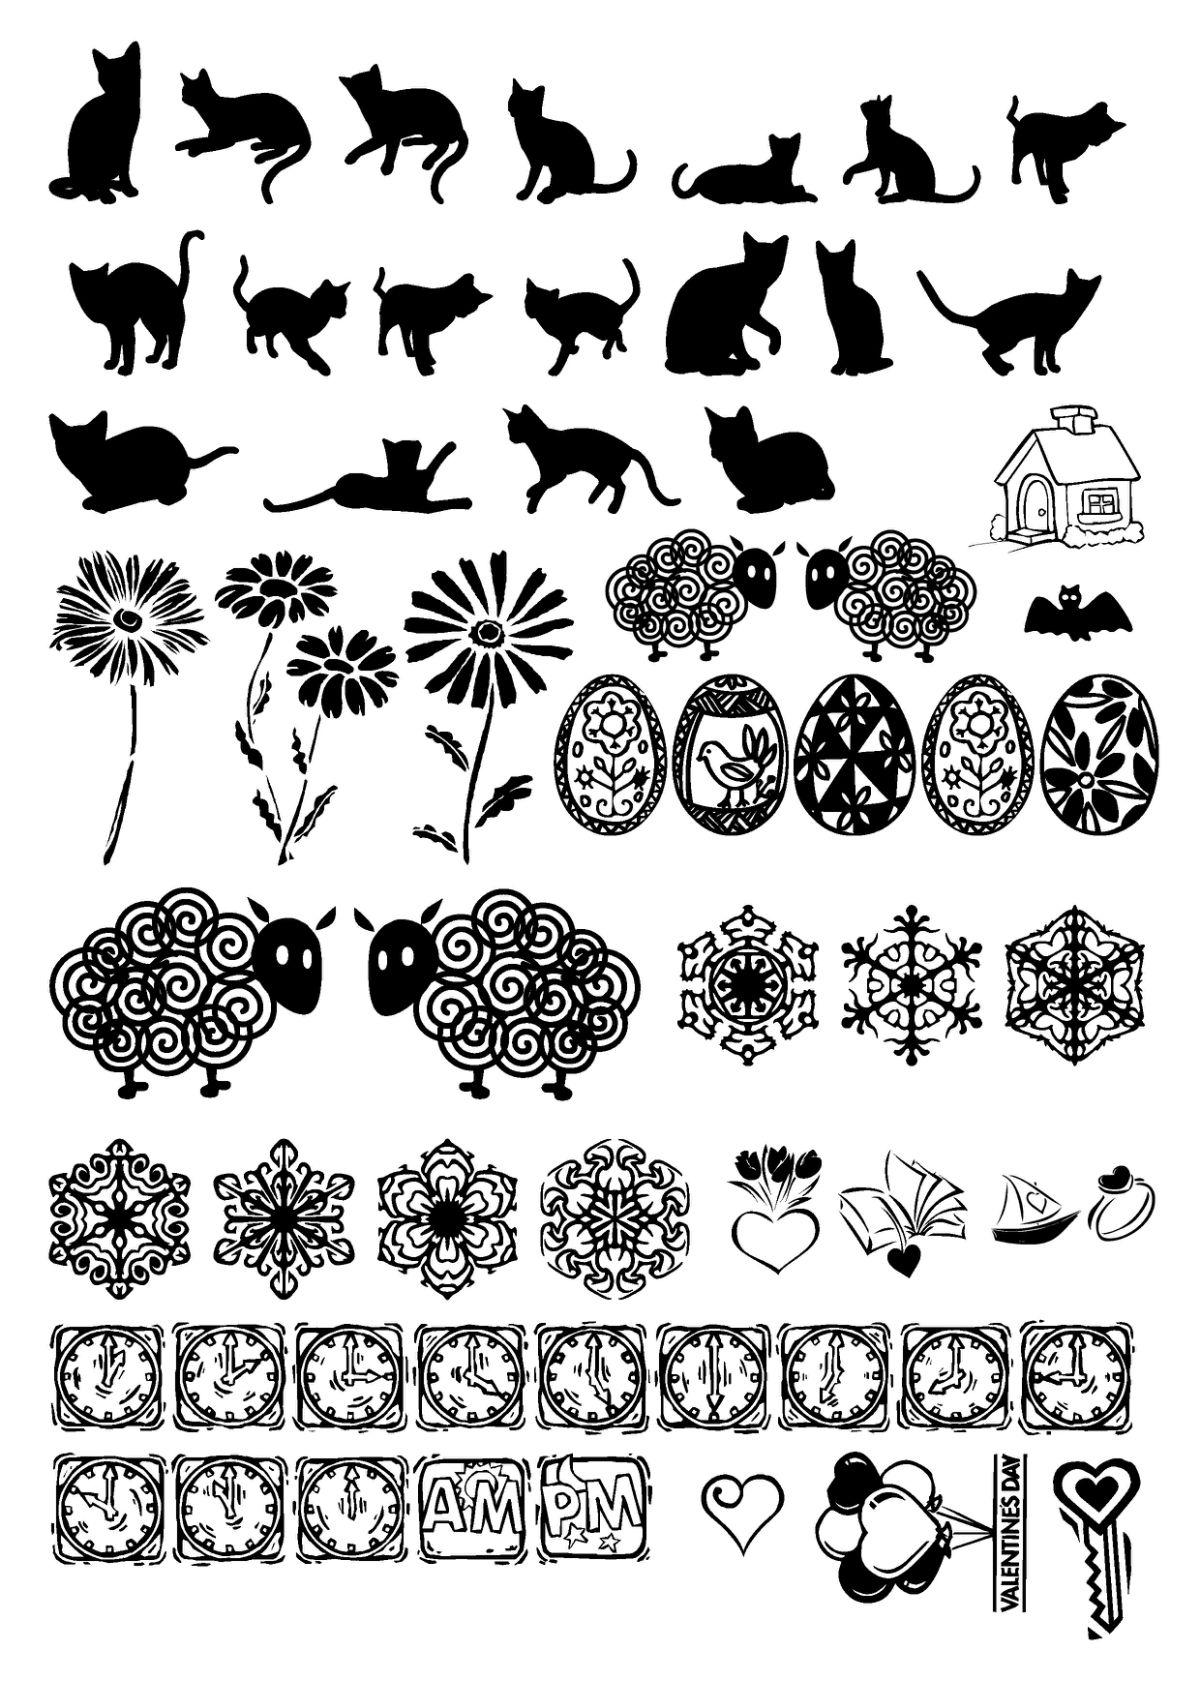 橡皮印章图案素材图片